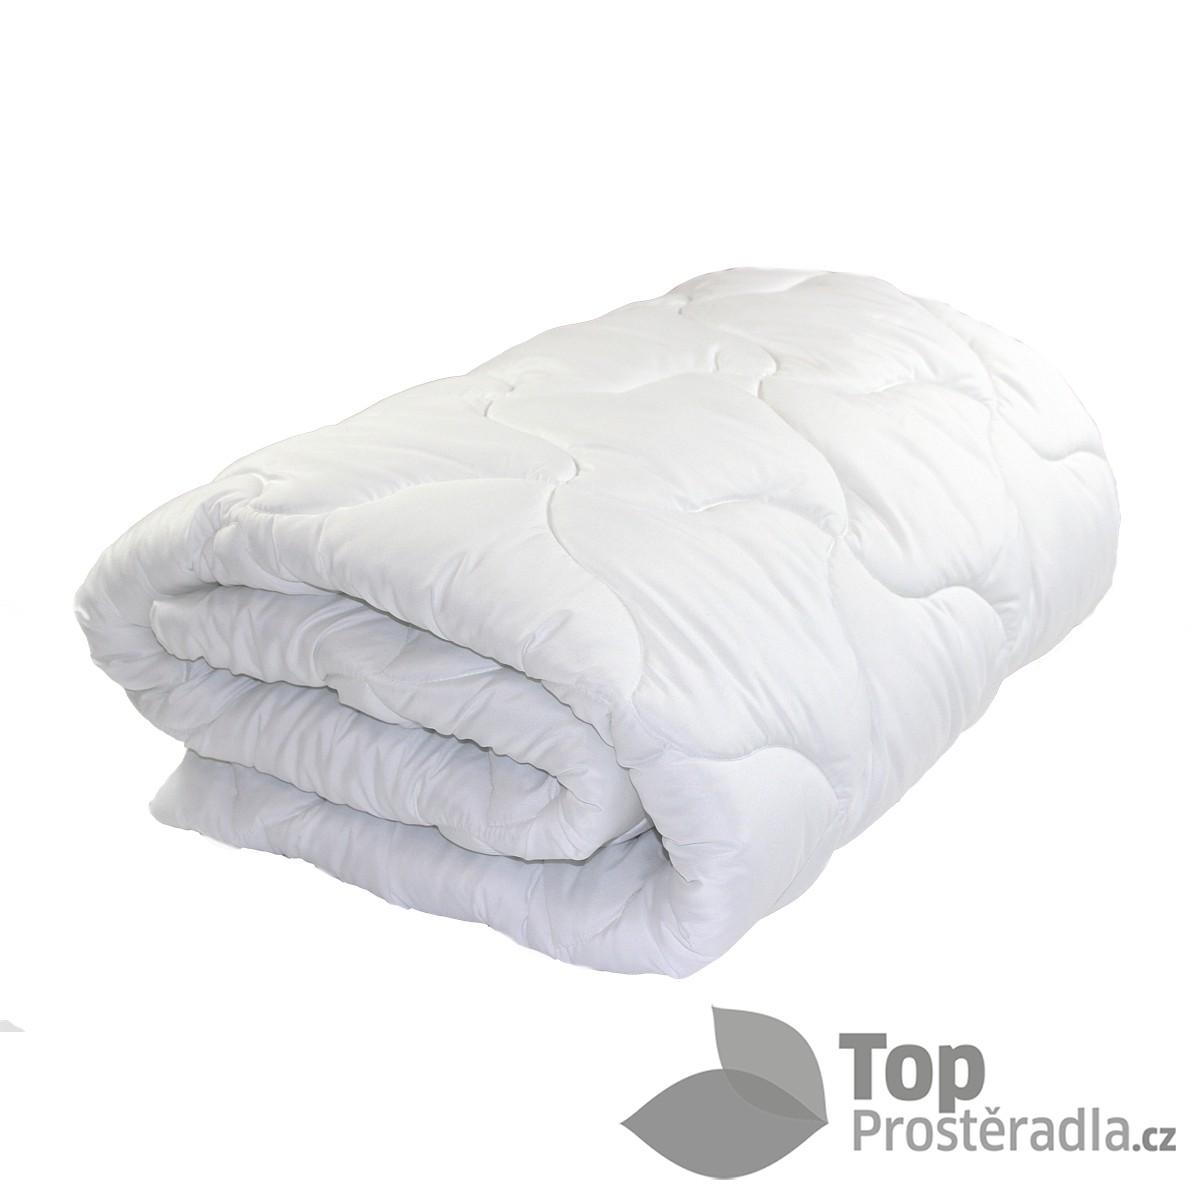 TOP Celoroční přikrývka z dutého vlákna LUX 140x200 antialergenní